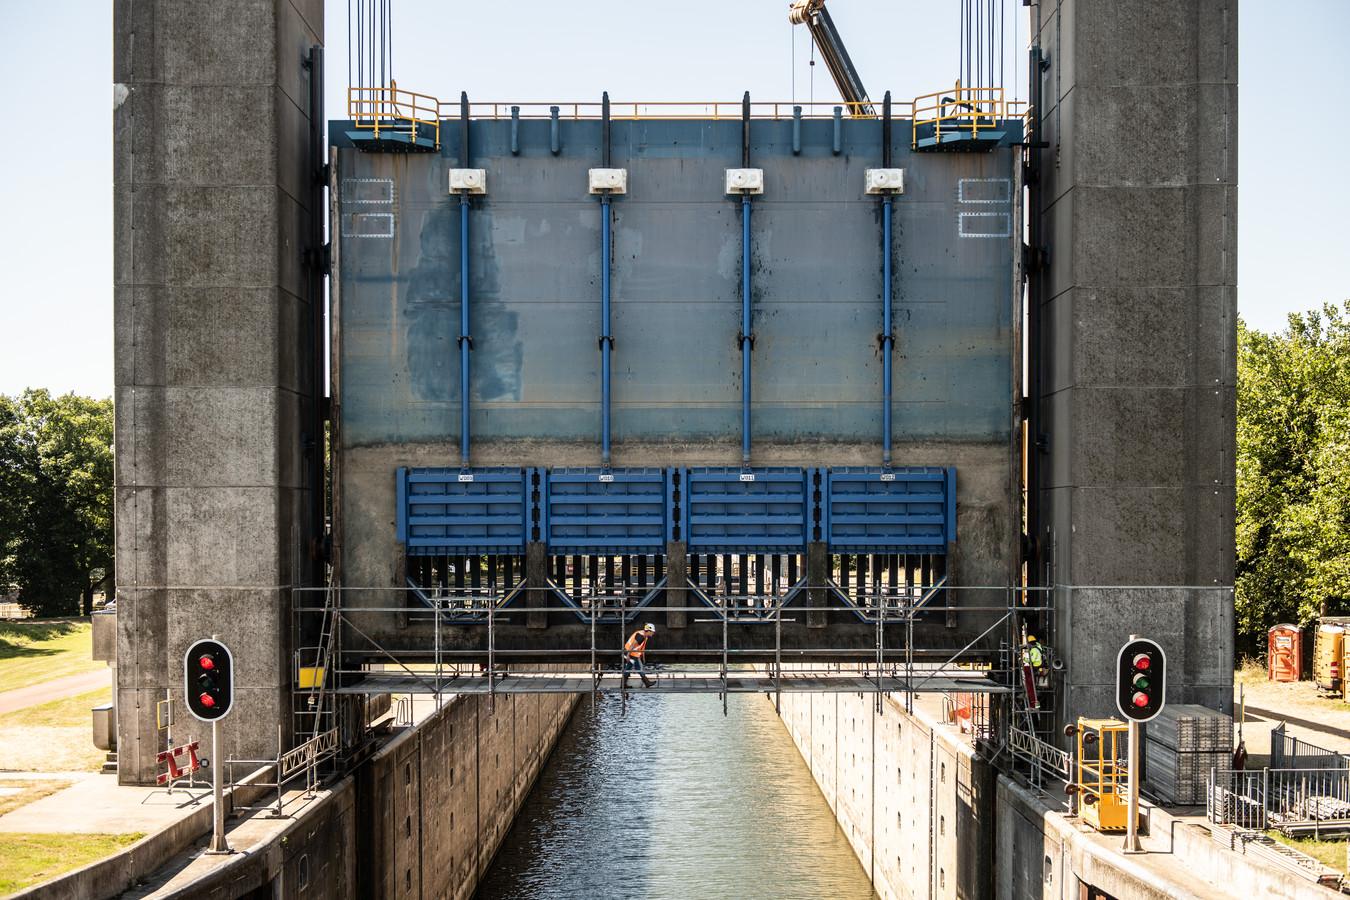 In juni vorig jaar kwamen bij werkzaamheden aan Sluis Weurt scheurtjes in het metaal aan het licht.